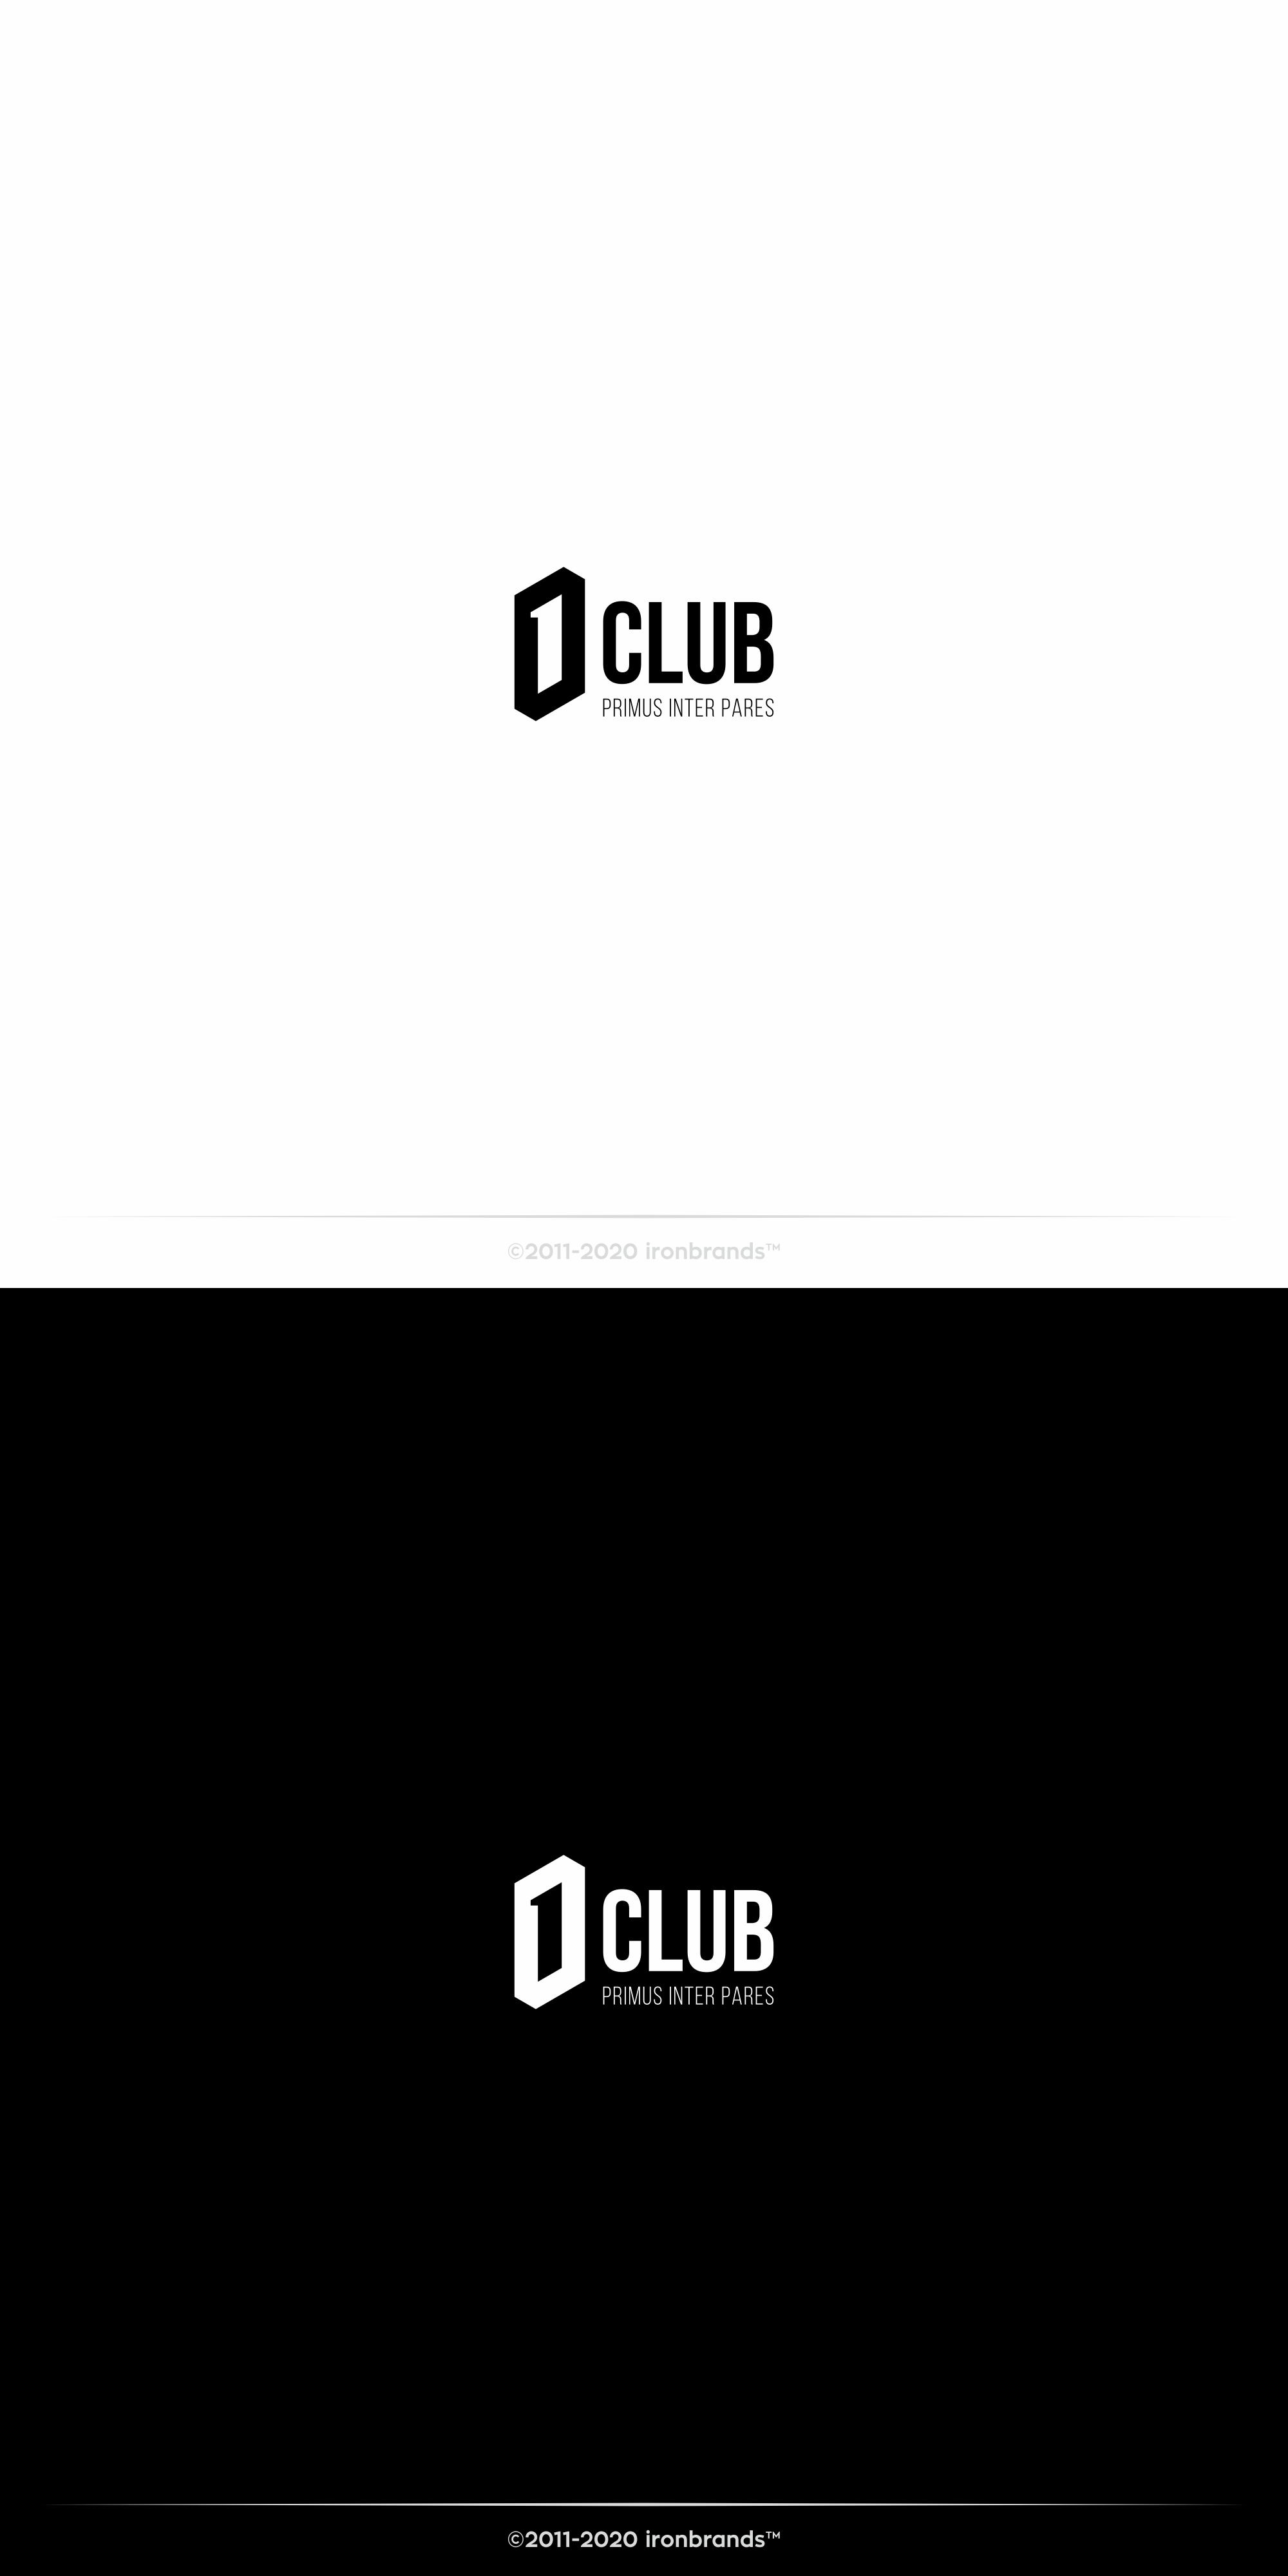 Логотип делового клуба фото f_9835f857ff799226.jpg